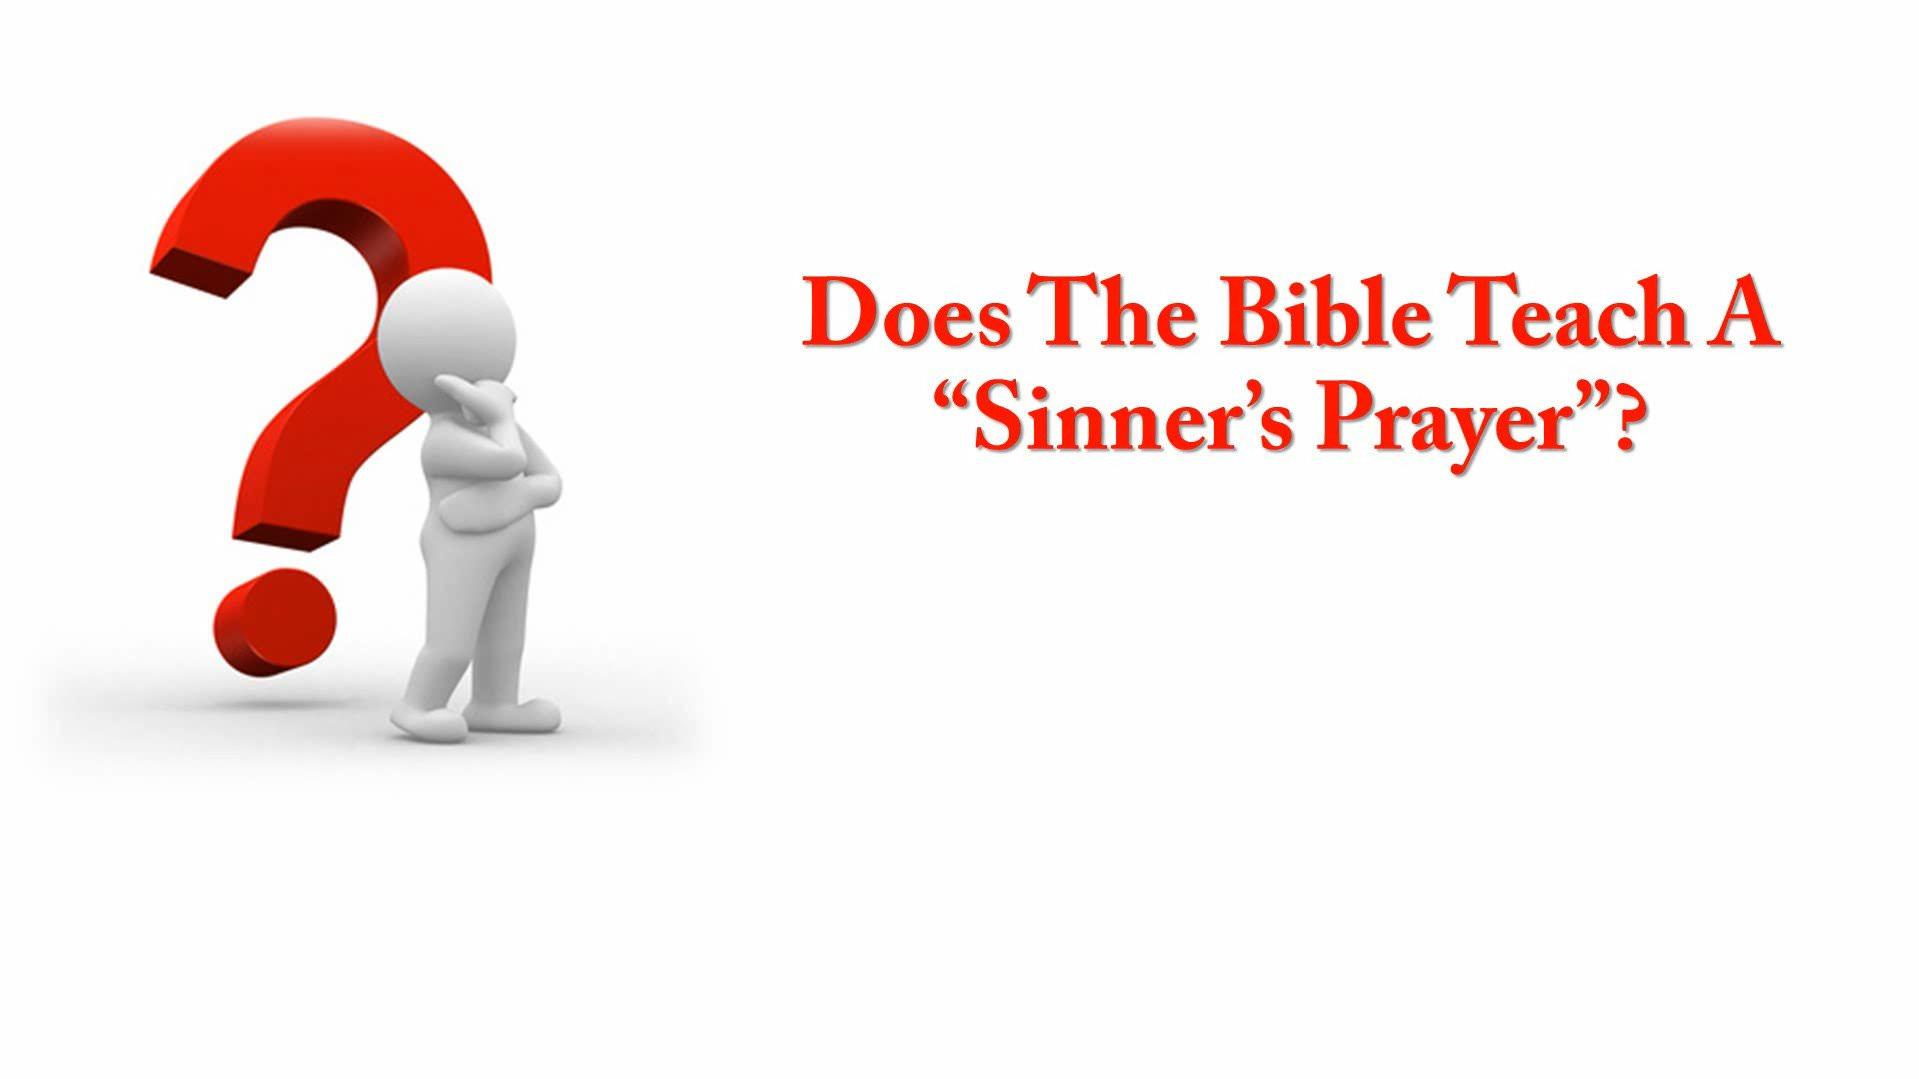 """Does The Bible Teach A """"Sinner's Prayer""""?"""